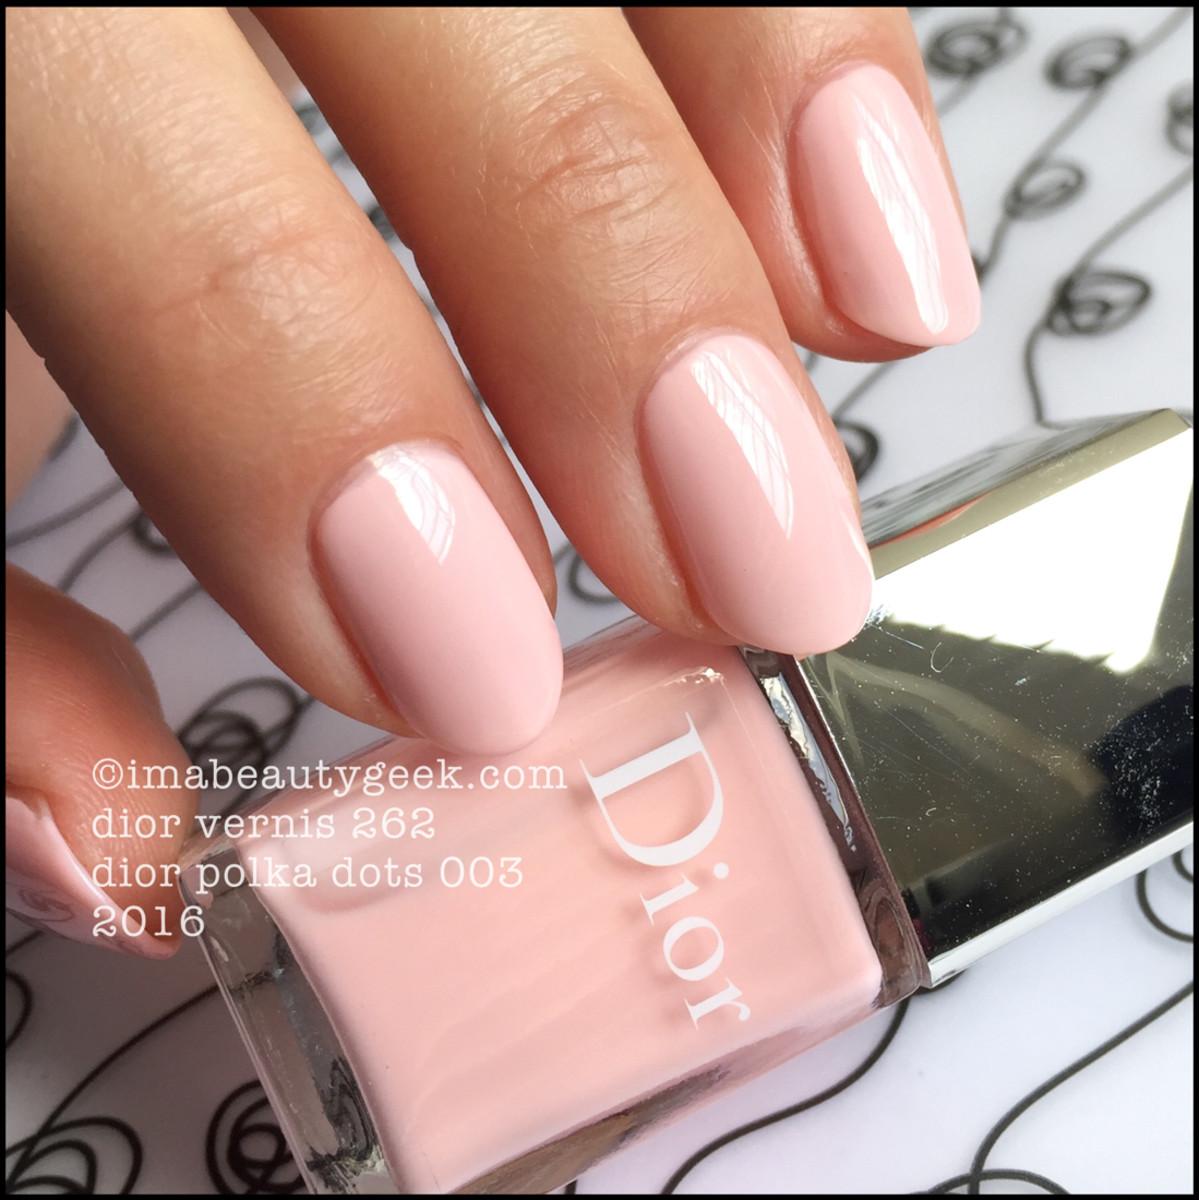 Dior Polka Dots Kit 003_Dior Vernis 262 Summer 2016